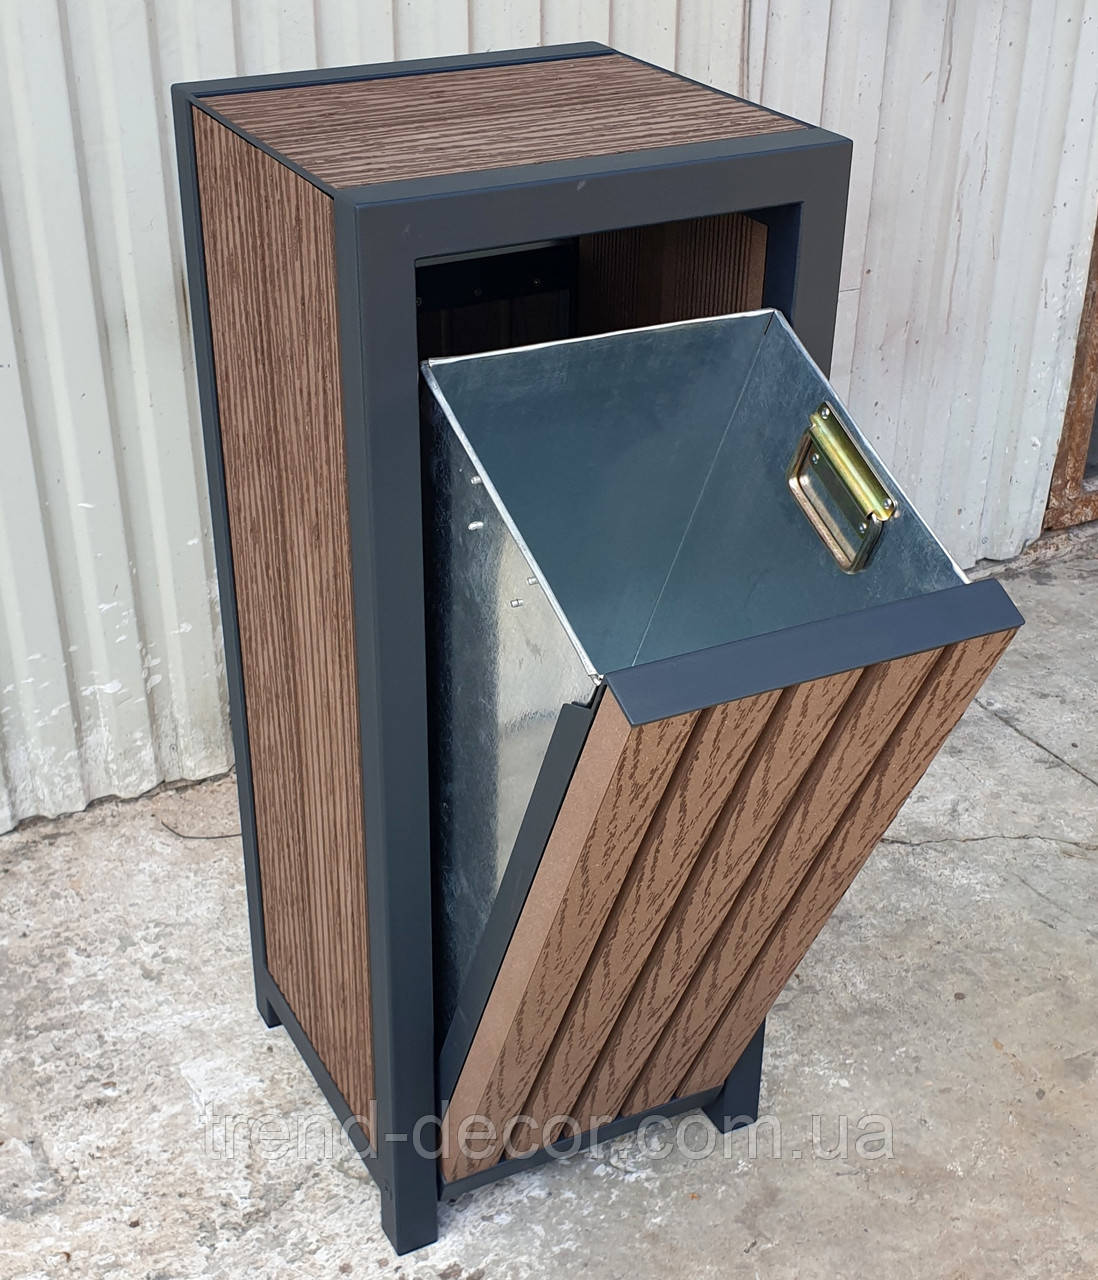 Урна TrendDecor 0123, 53л (металл/*дпк доска из древесно-полимерного композита). НОВИНКА 2019!!!